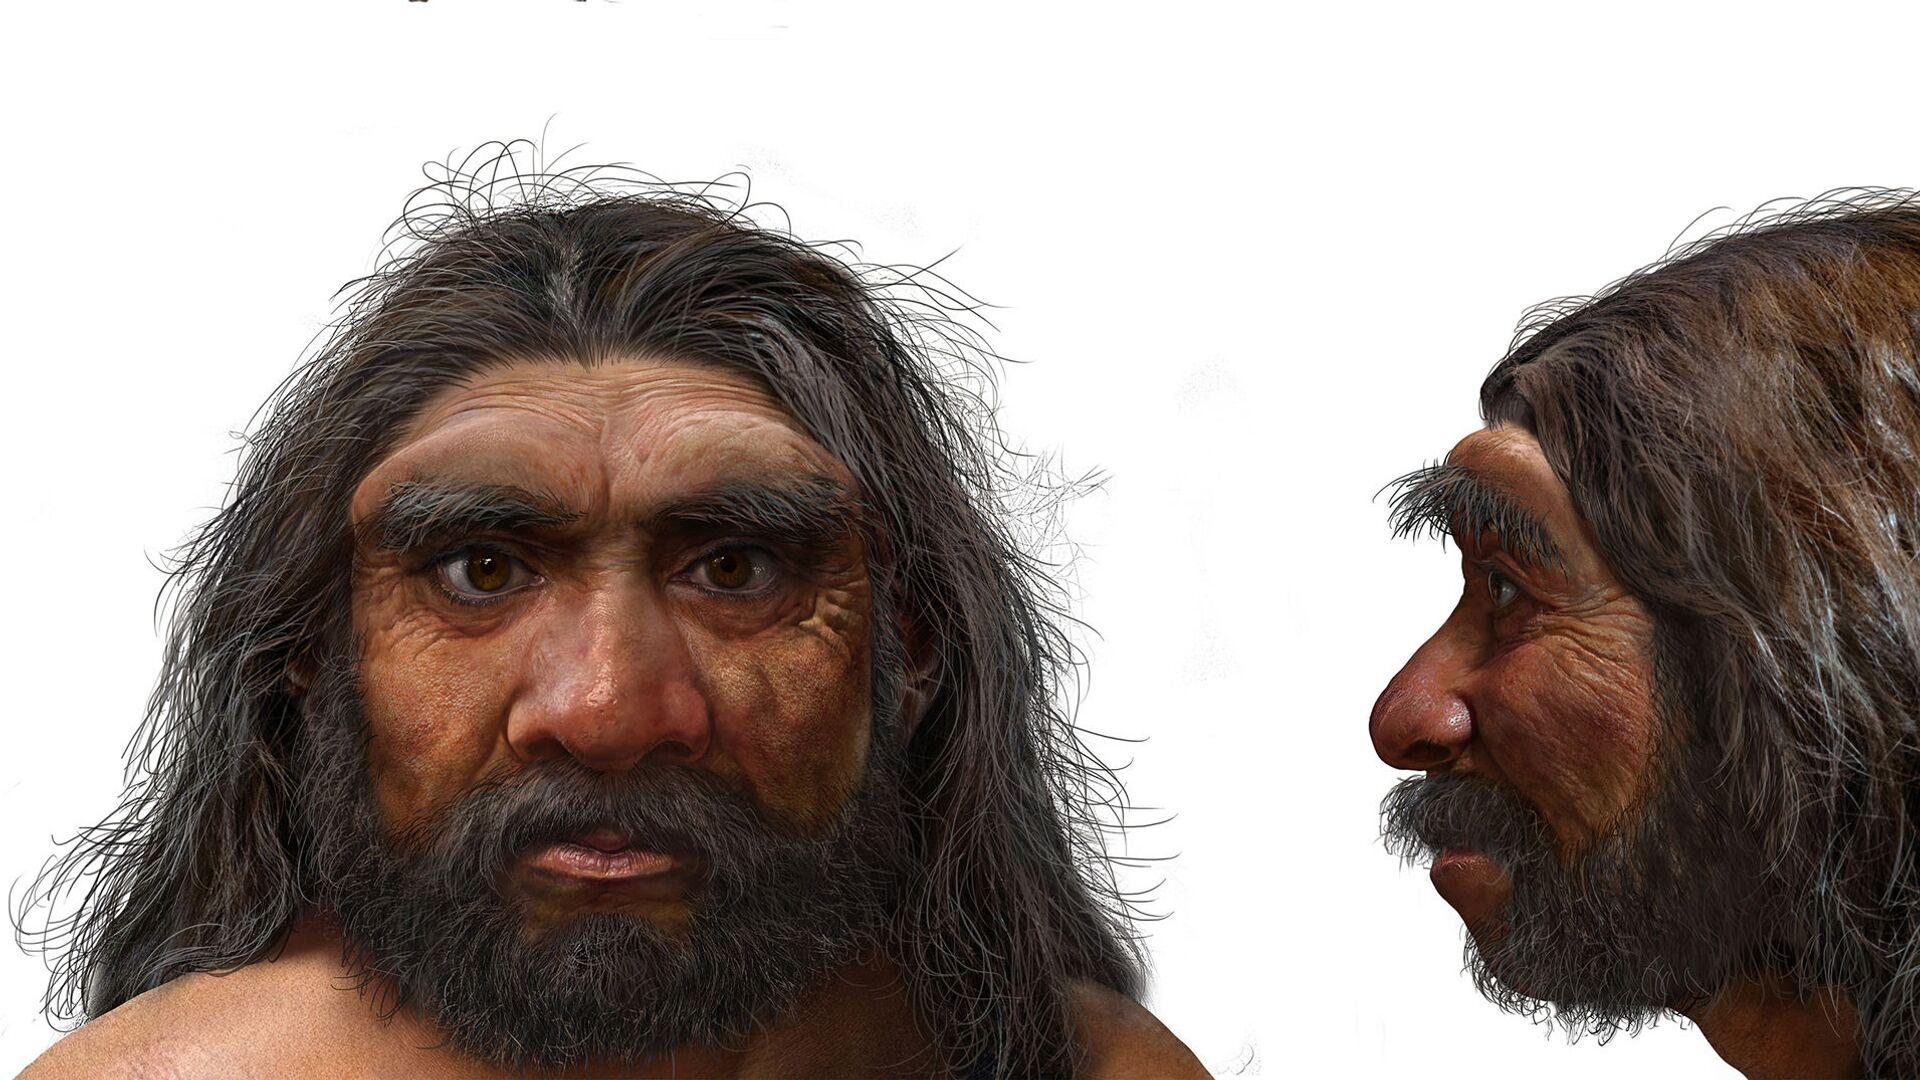 Cranio di drago: dalla Cina nuova versione sull'origine dell'Homo sapiens - Sputnik Italia, 1920, 25.07.2021